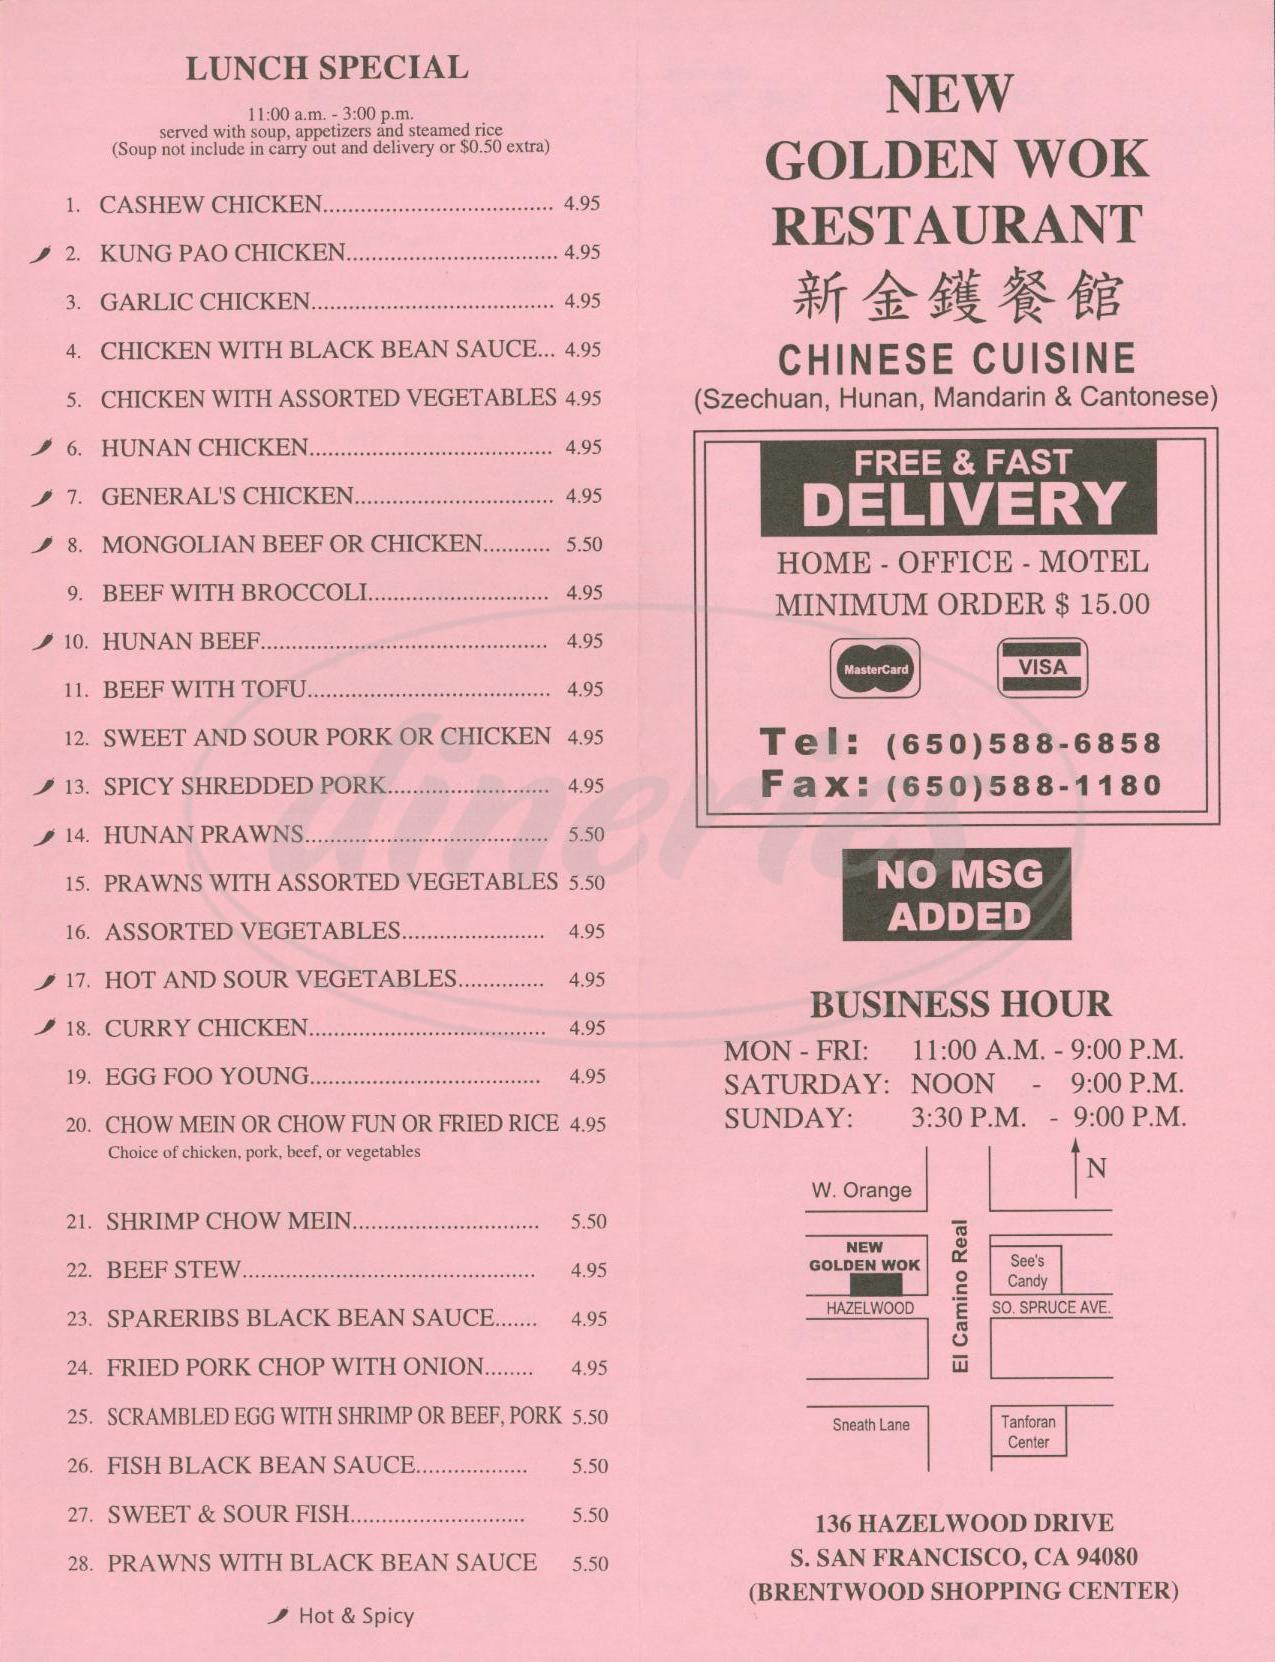 menu for New Golden Wok